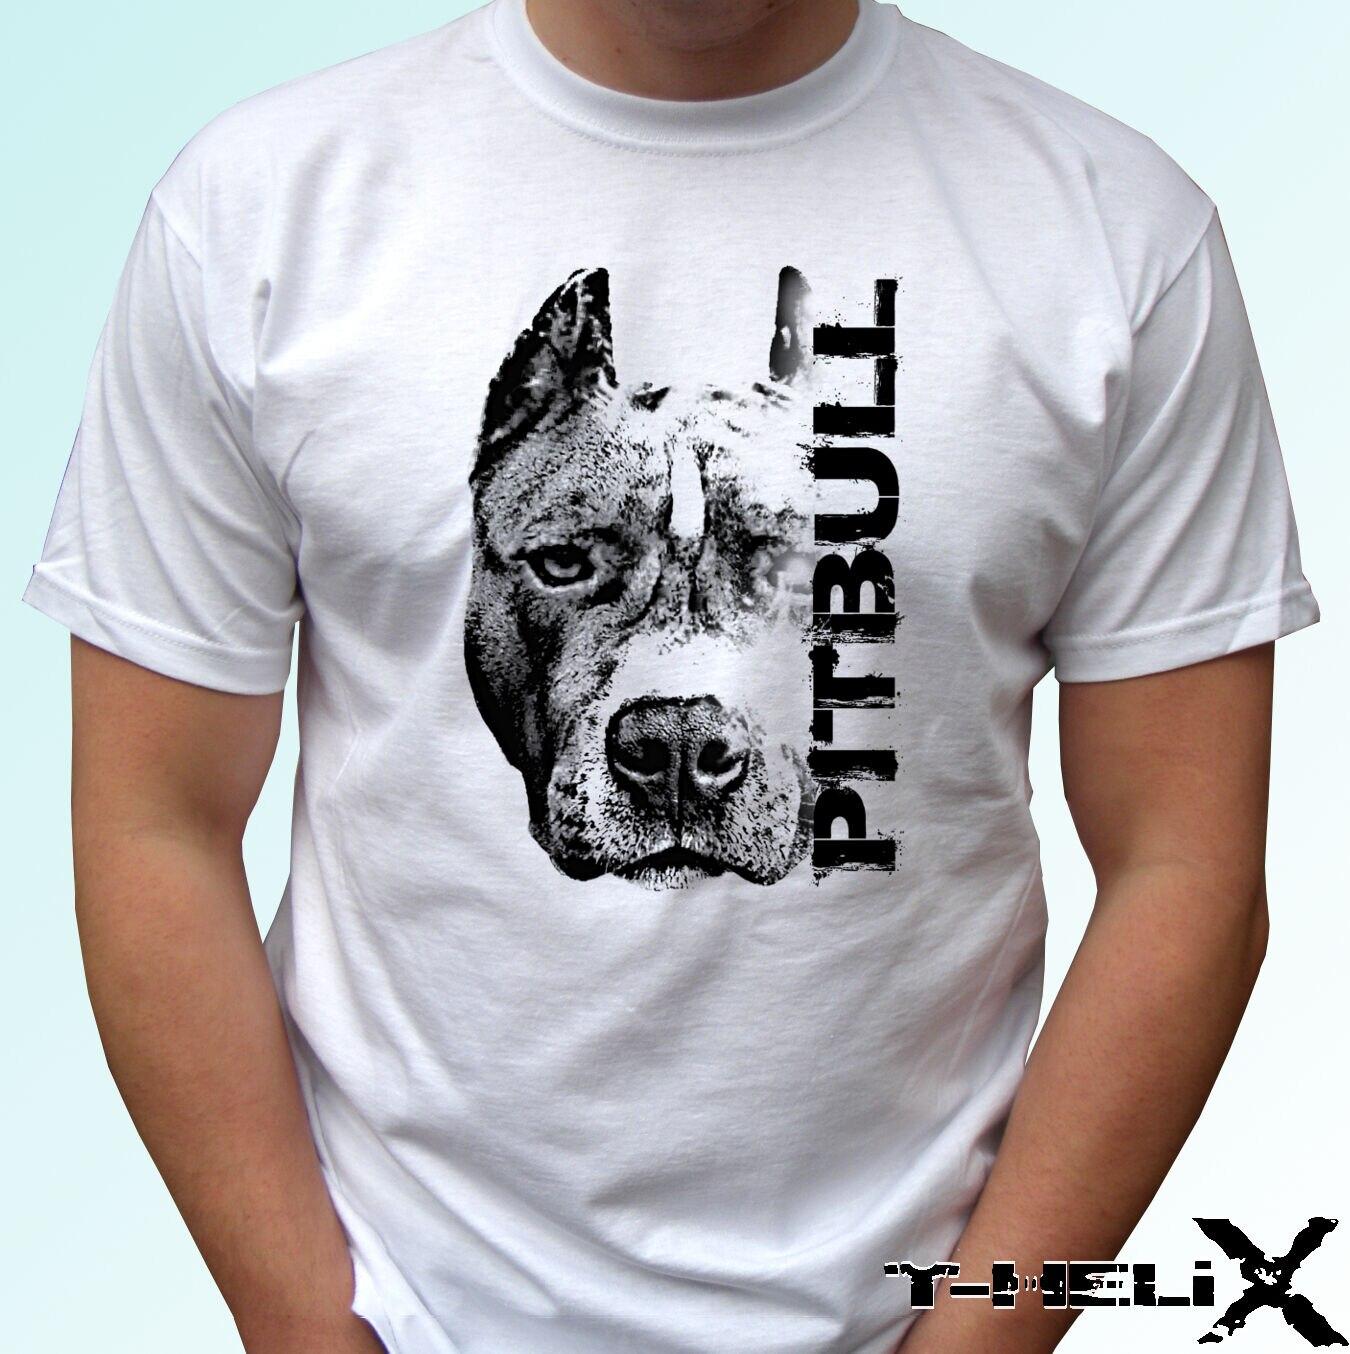 Питбулл голова собаки футболка питбулл Топ тенниска дизайн мужские женские дети ребенка